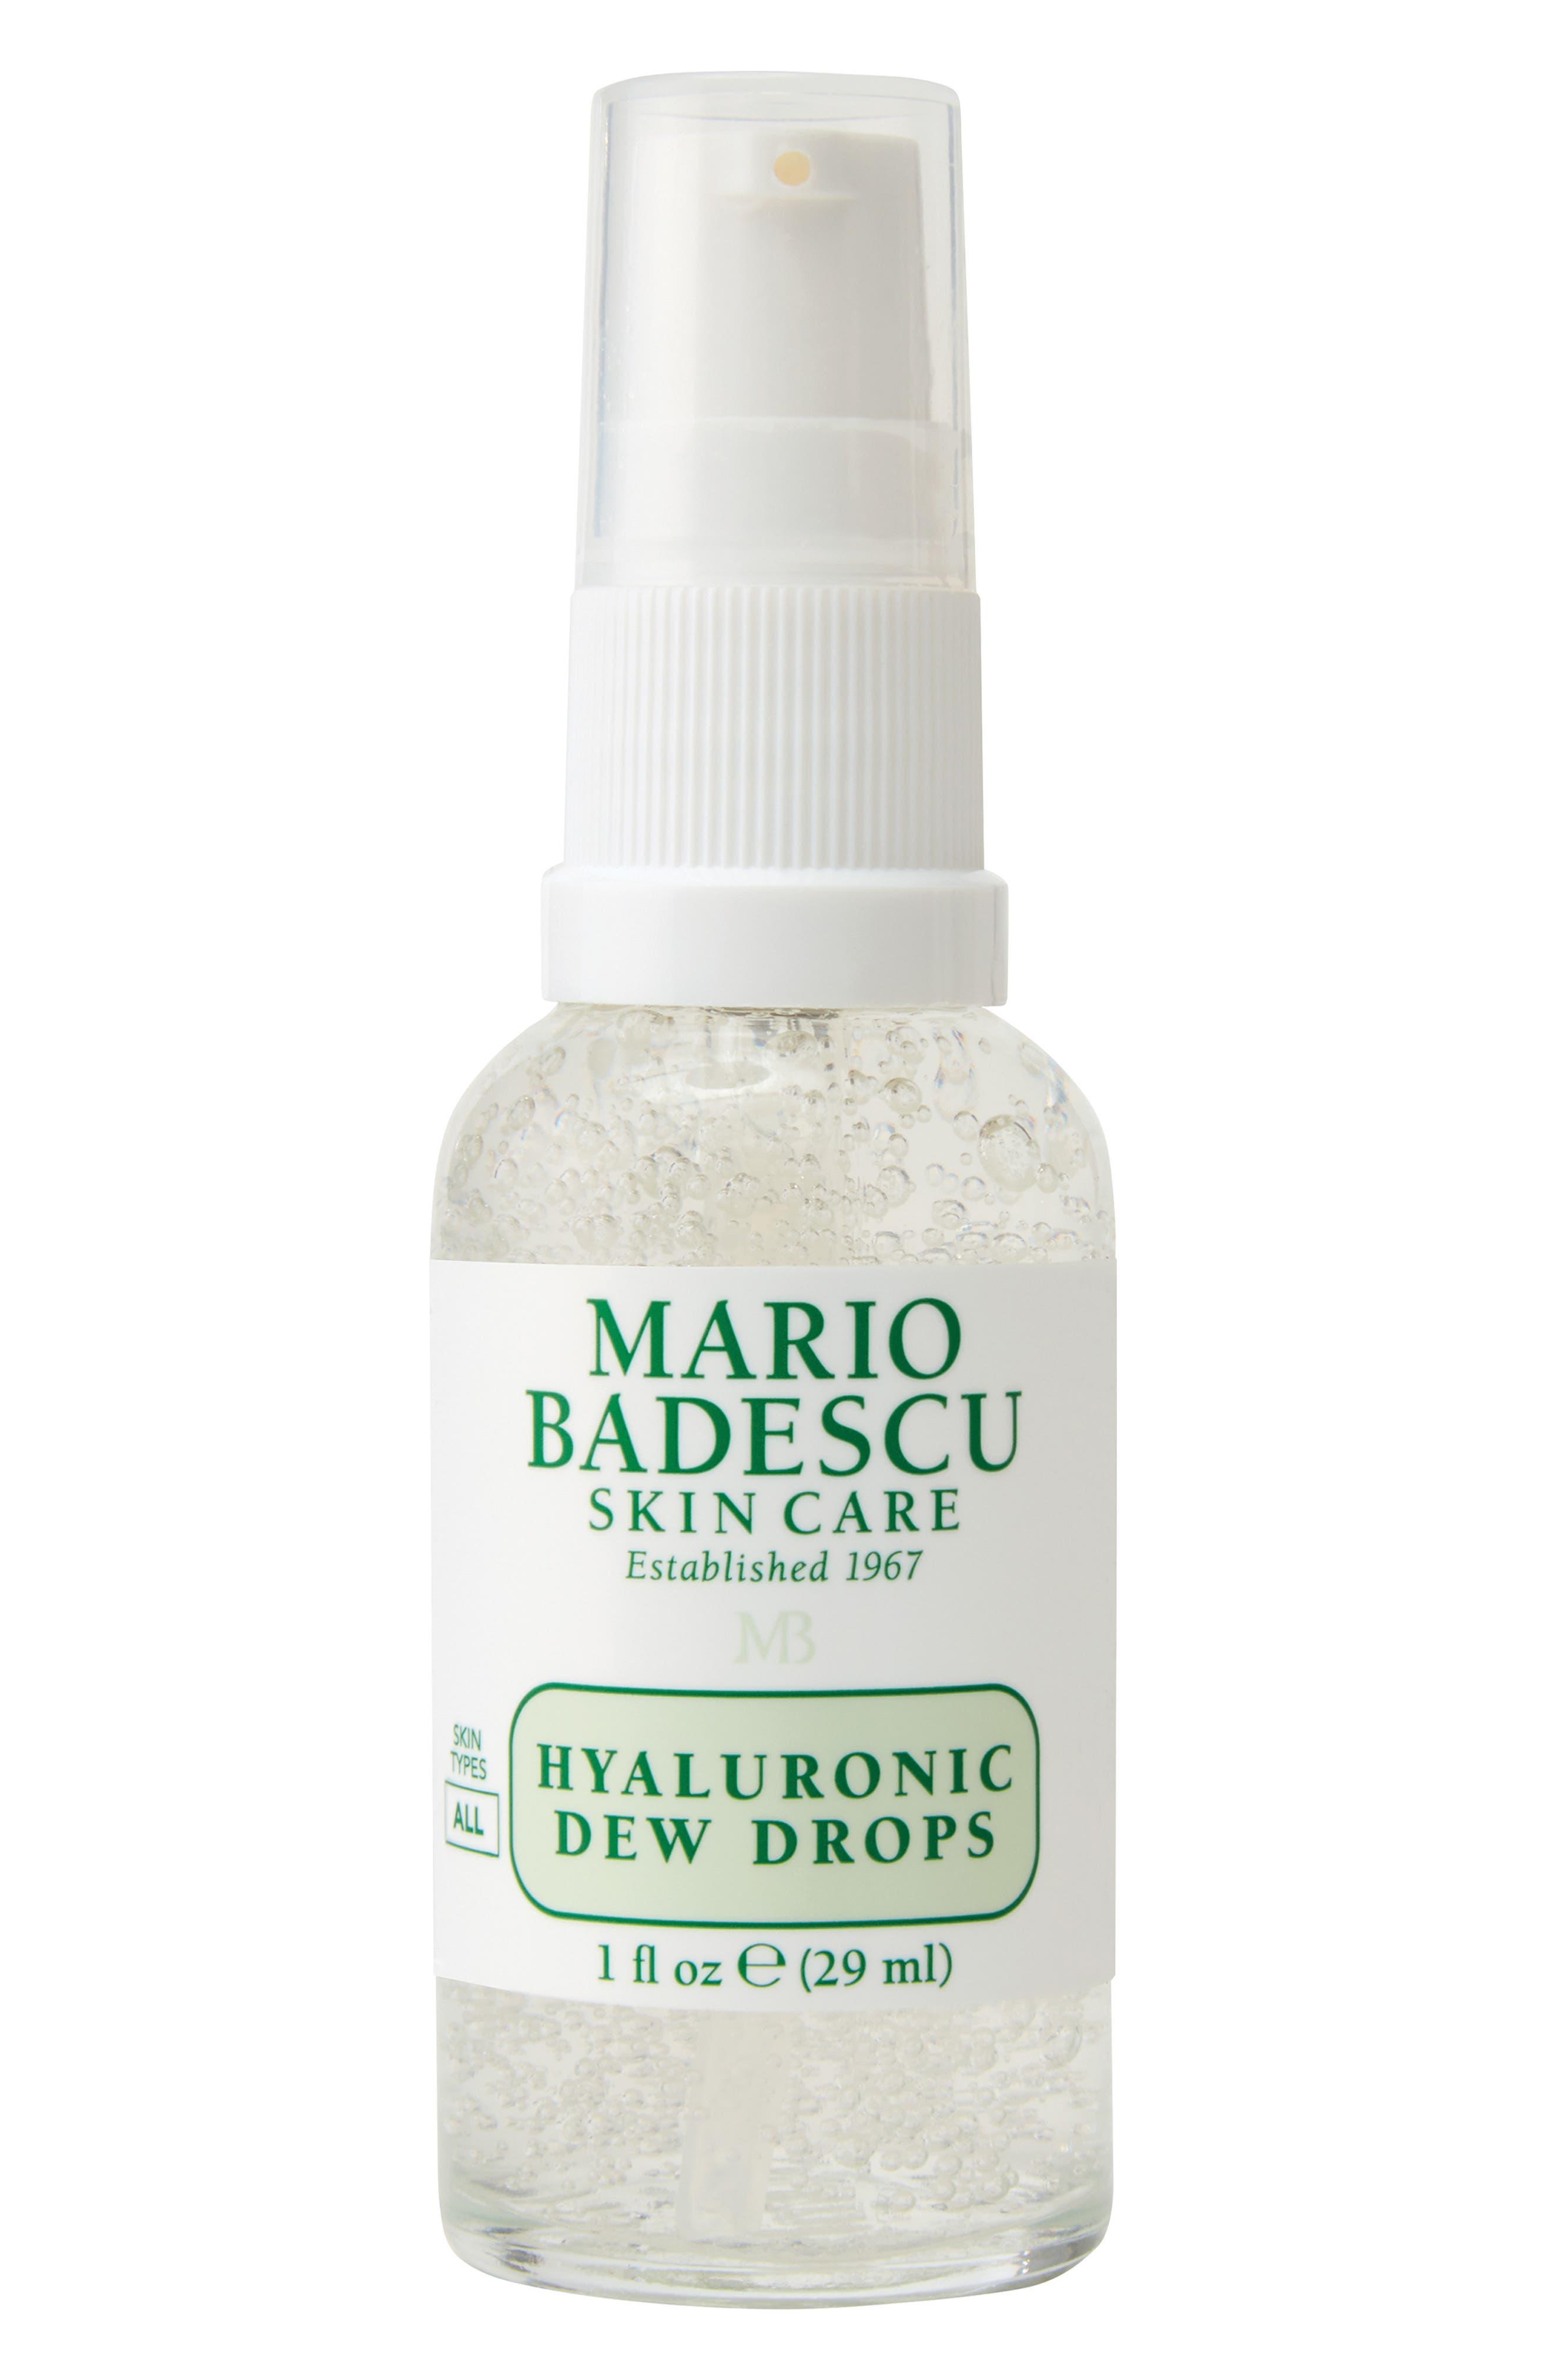 Hyaluronic Dew Drops